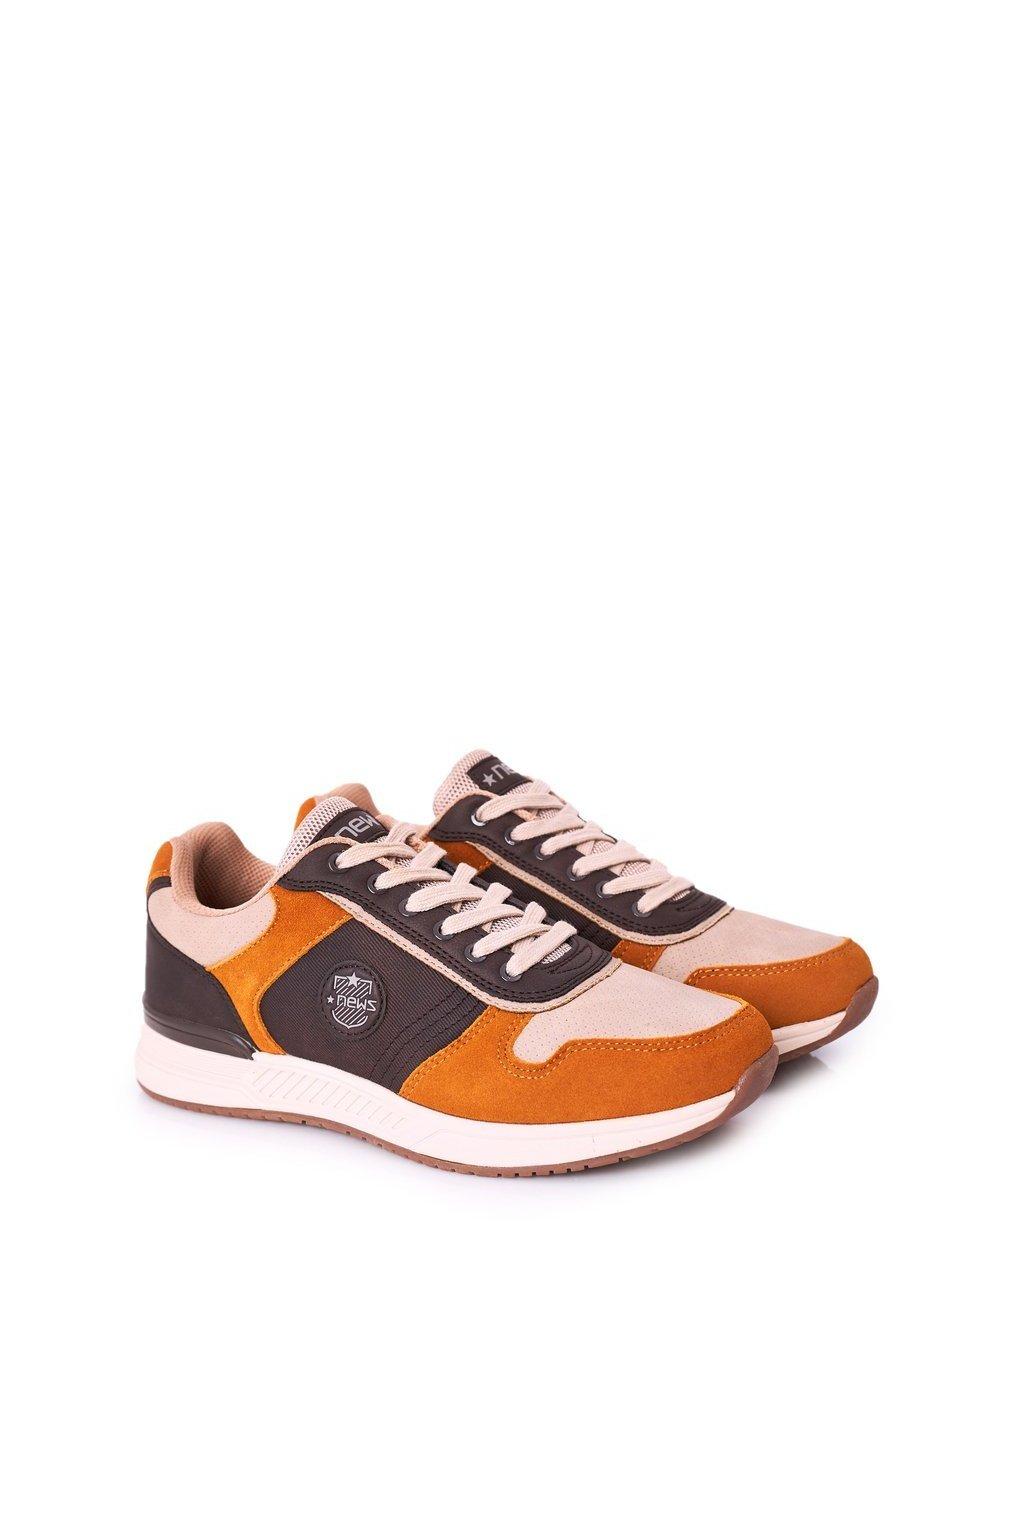 Žltá obuv kód topánok 20MN20-3310 YELLOW-BROWN